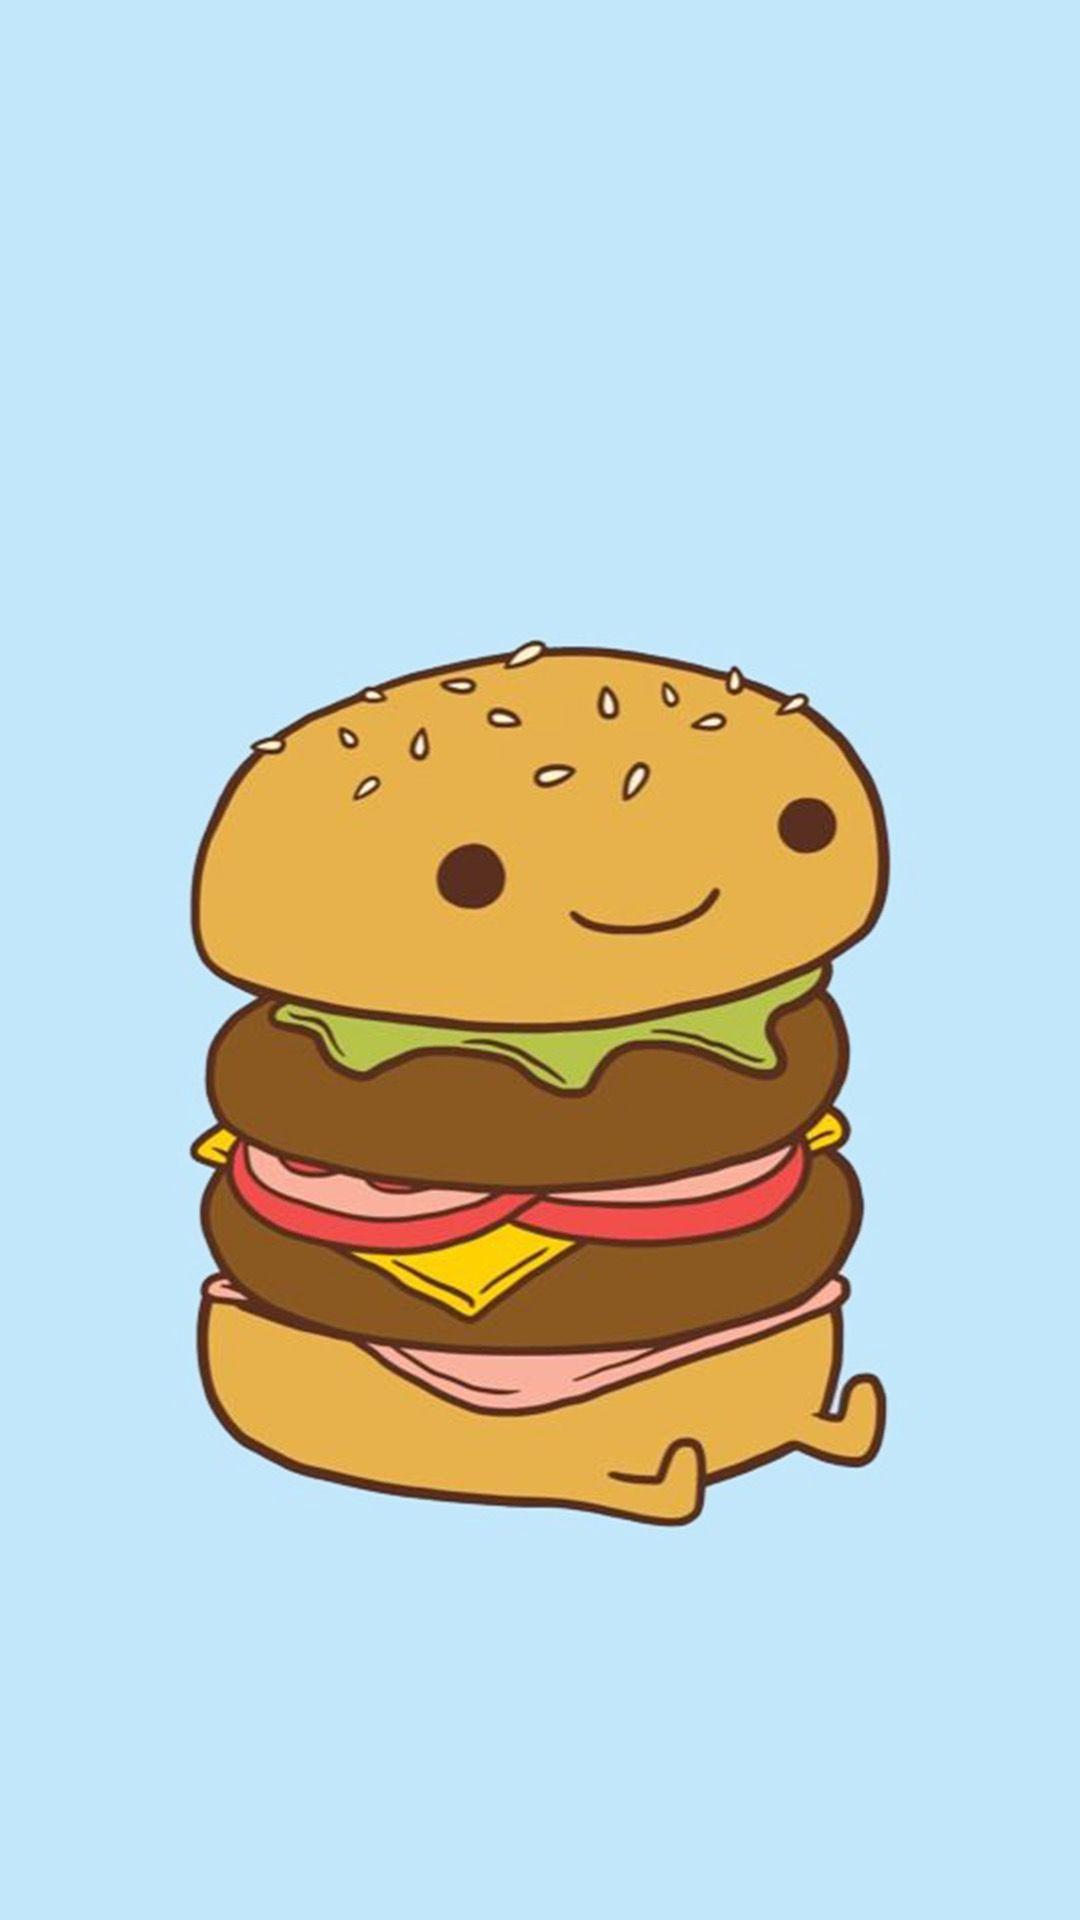 Da burger My first Pinterest Burgers, Kawaii and